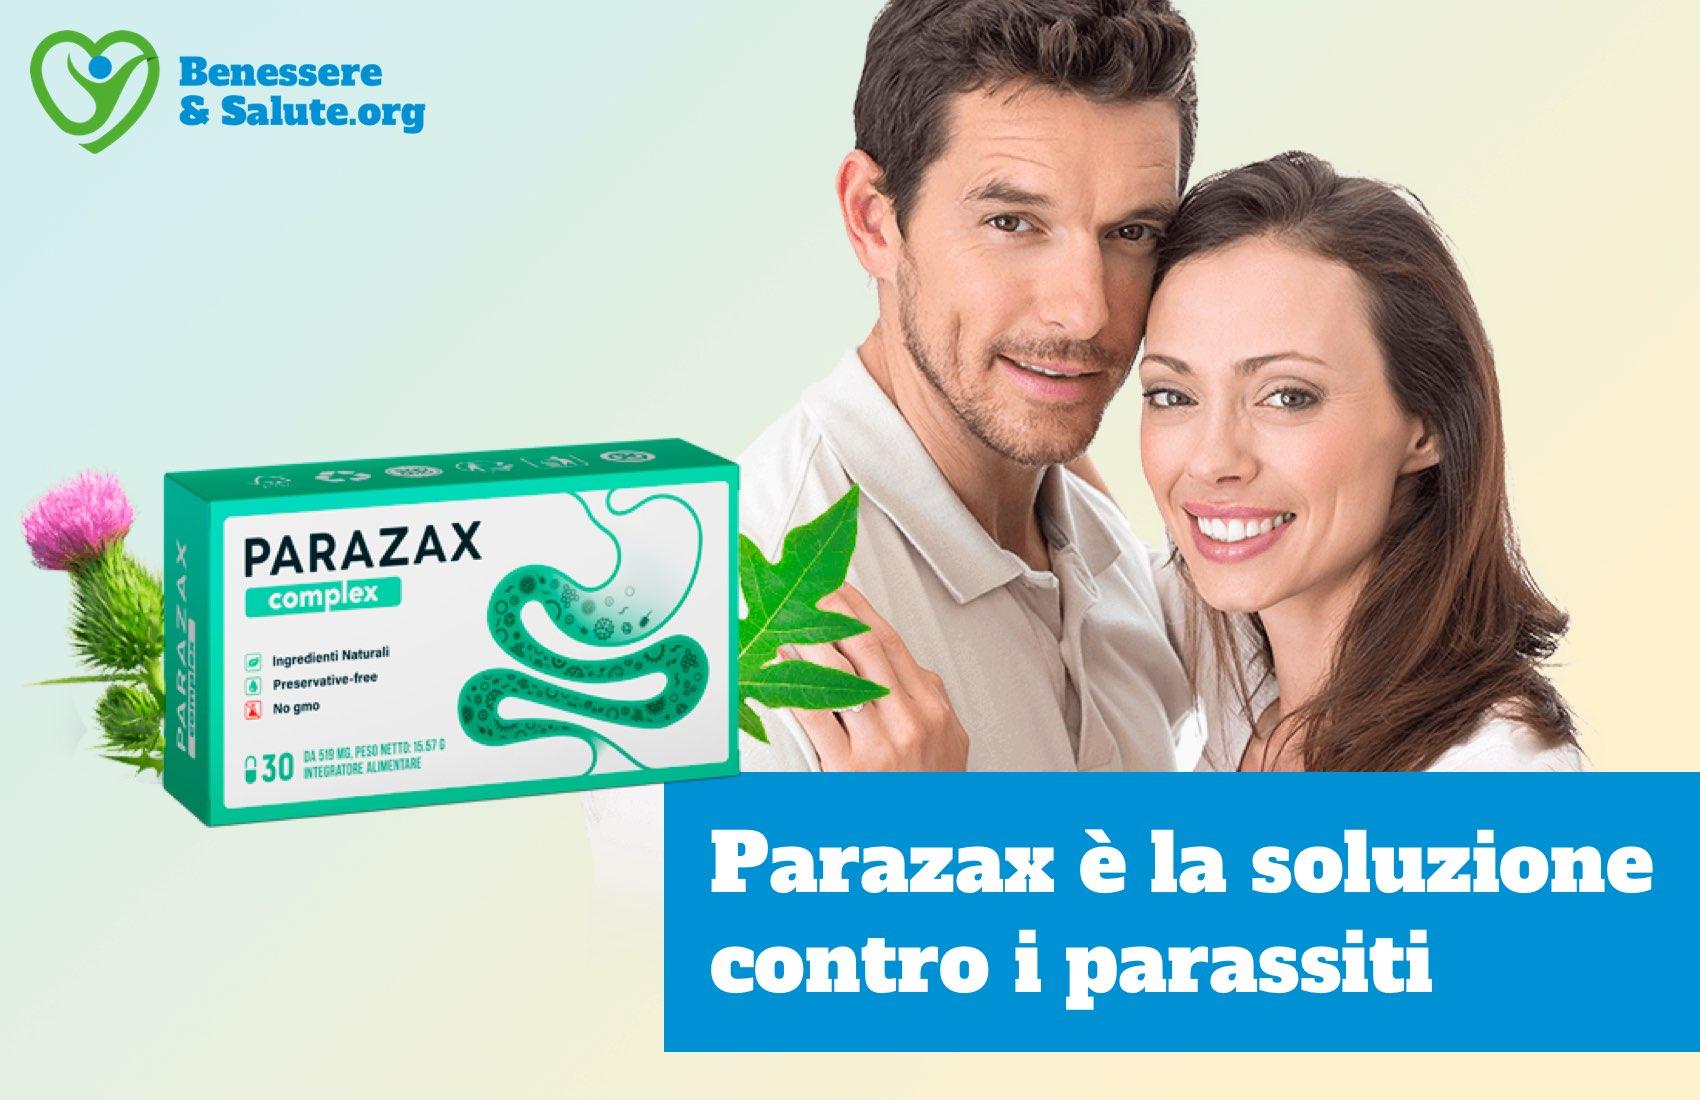 Parazax soluzione contro parassiti